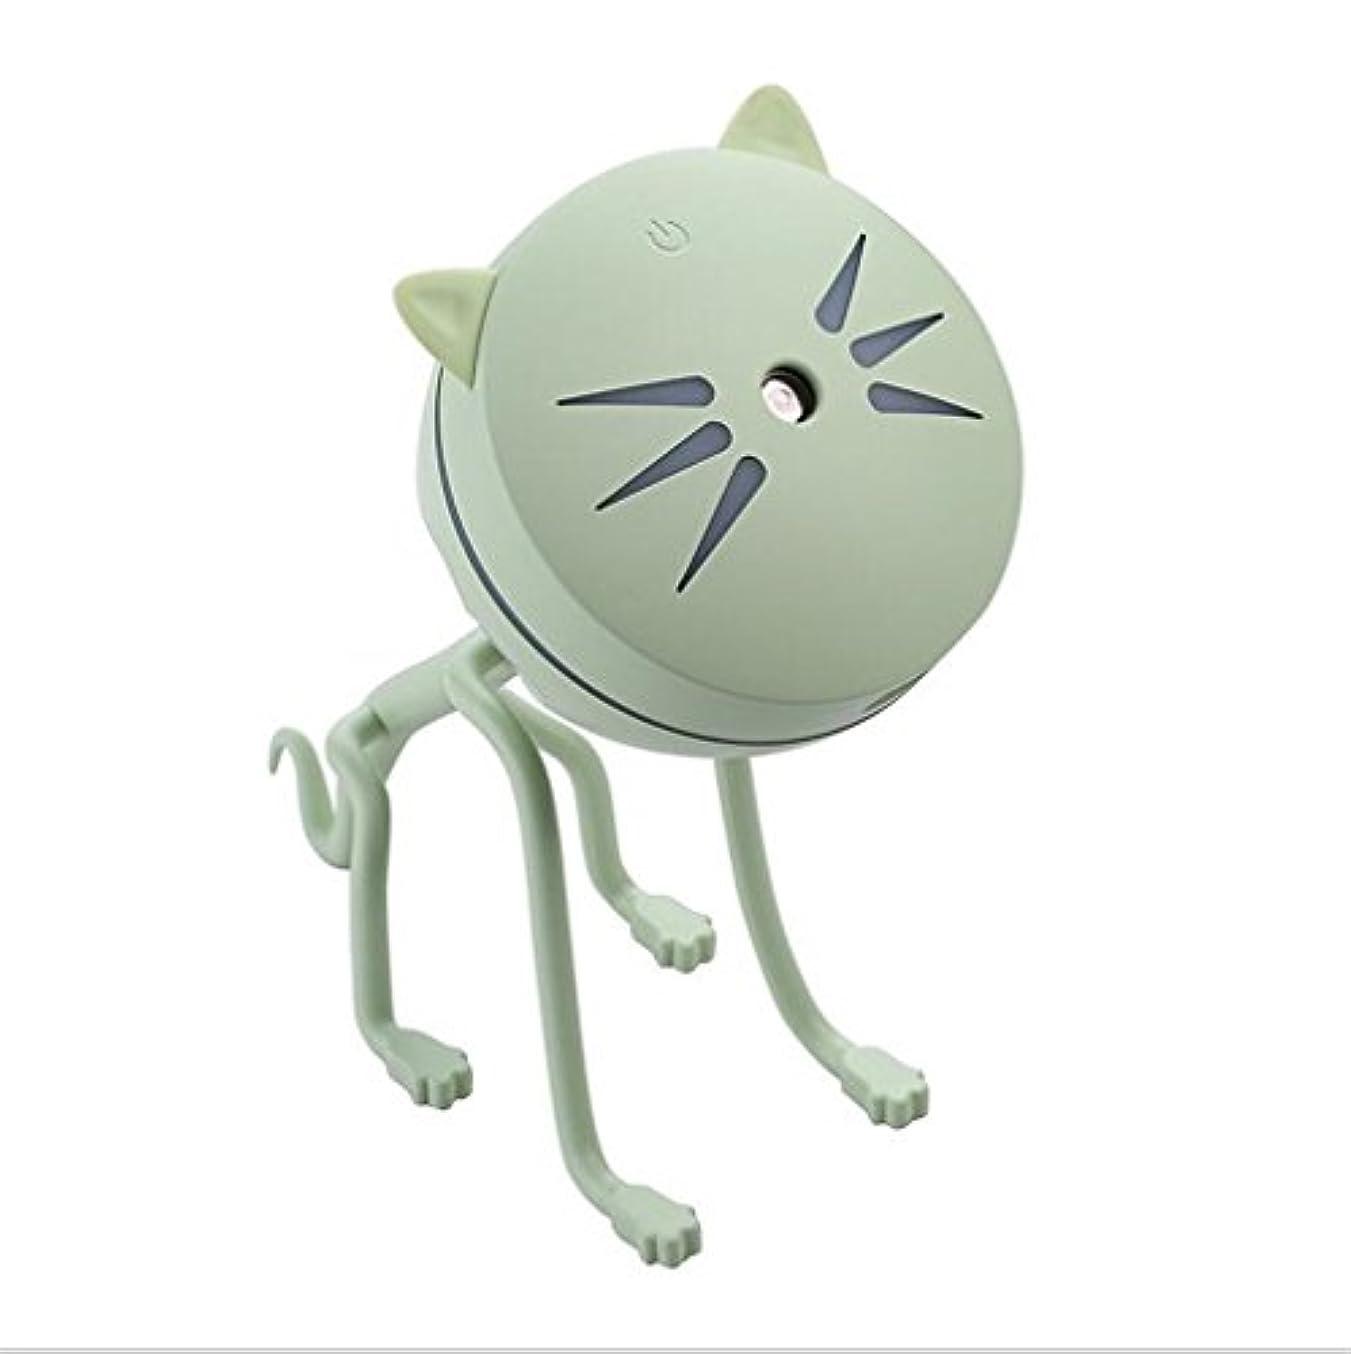 ボックス離婚デコードするMini USB加湿器、150Mlクールミストアロマエッセンシャルオイルディフューザー空気清浄機加湿器、寝室のオフィス、車のための水無しオートシャットオフ機能